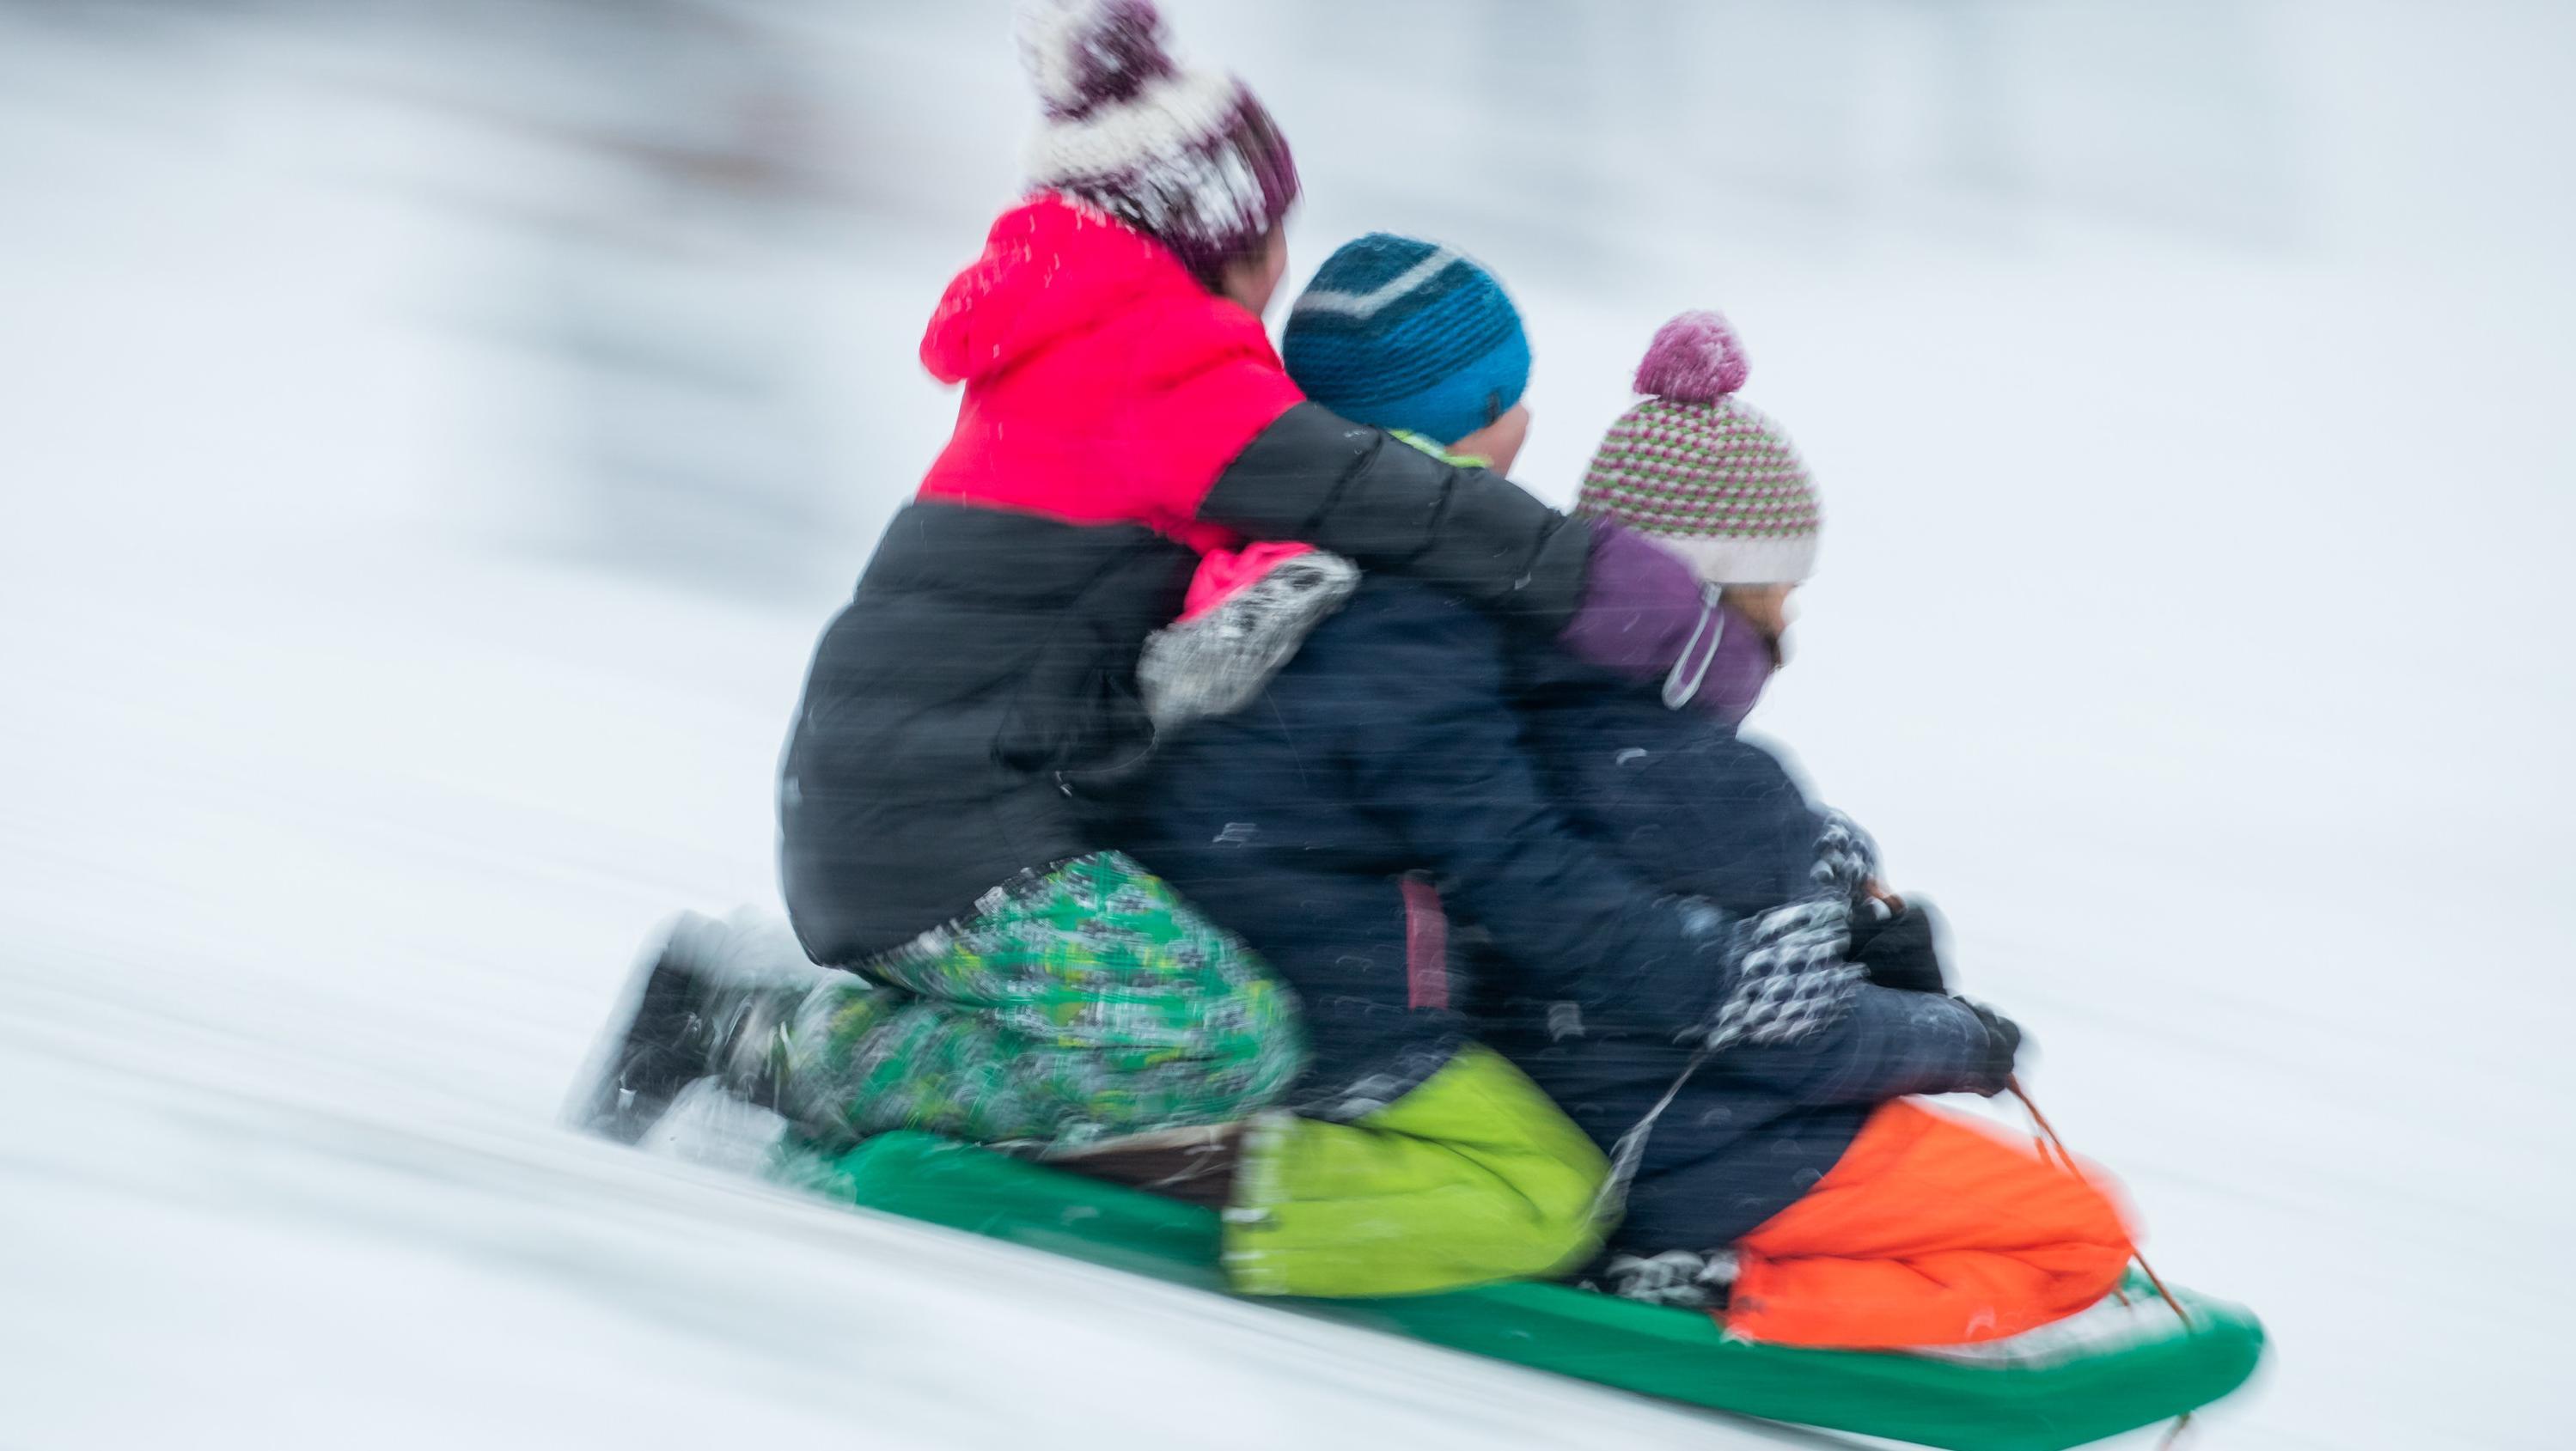 Bayern, Nürnberg: Kinder rutschen auf einem Schlitten einen mit Schnee bedeckten Hügel abwärts